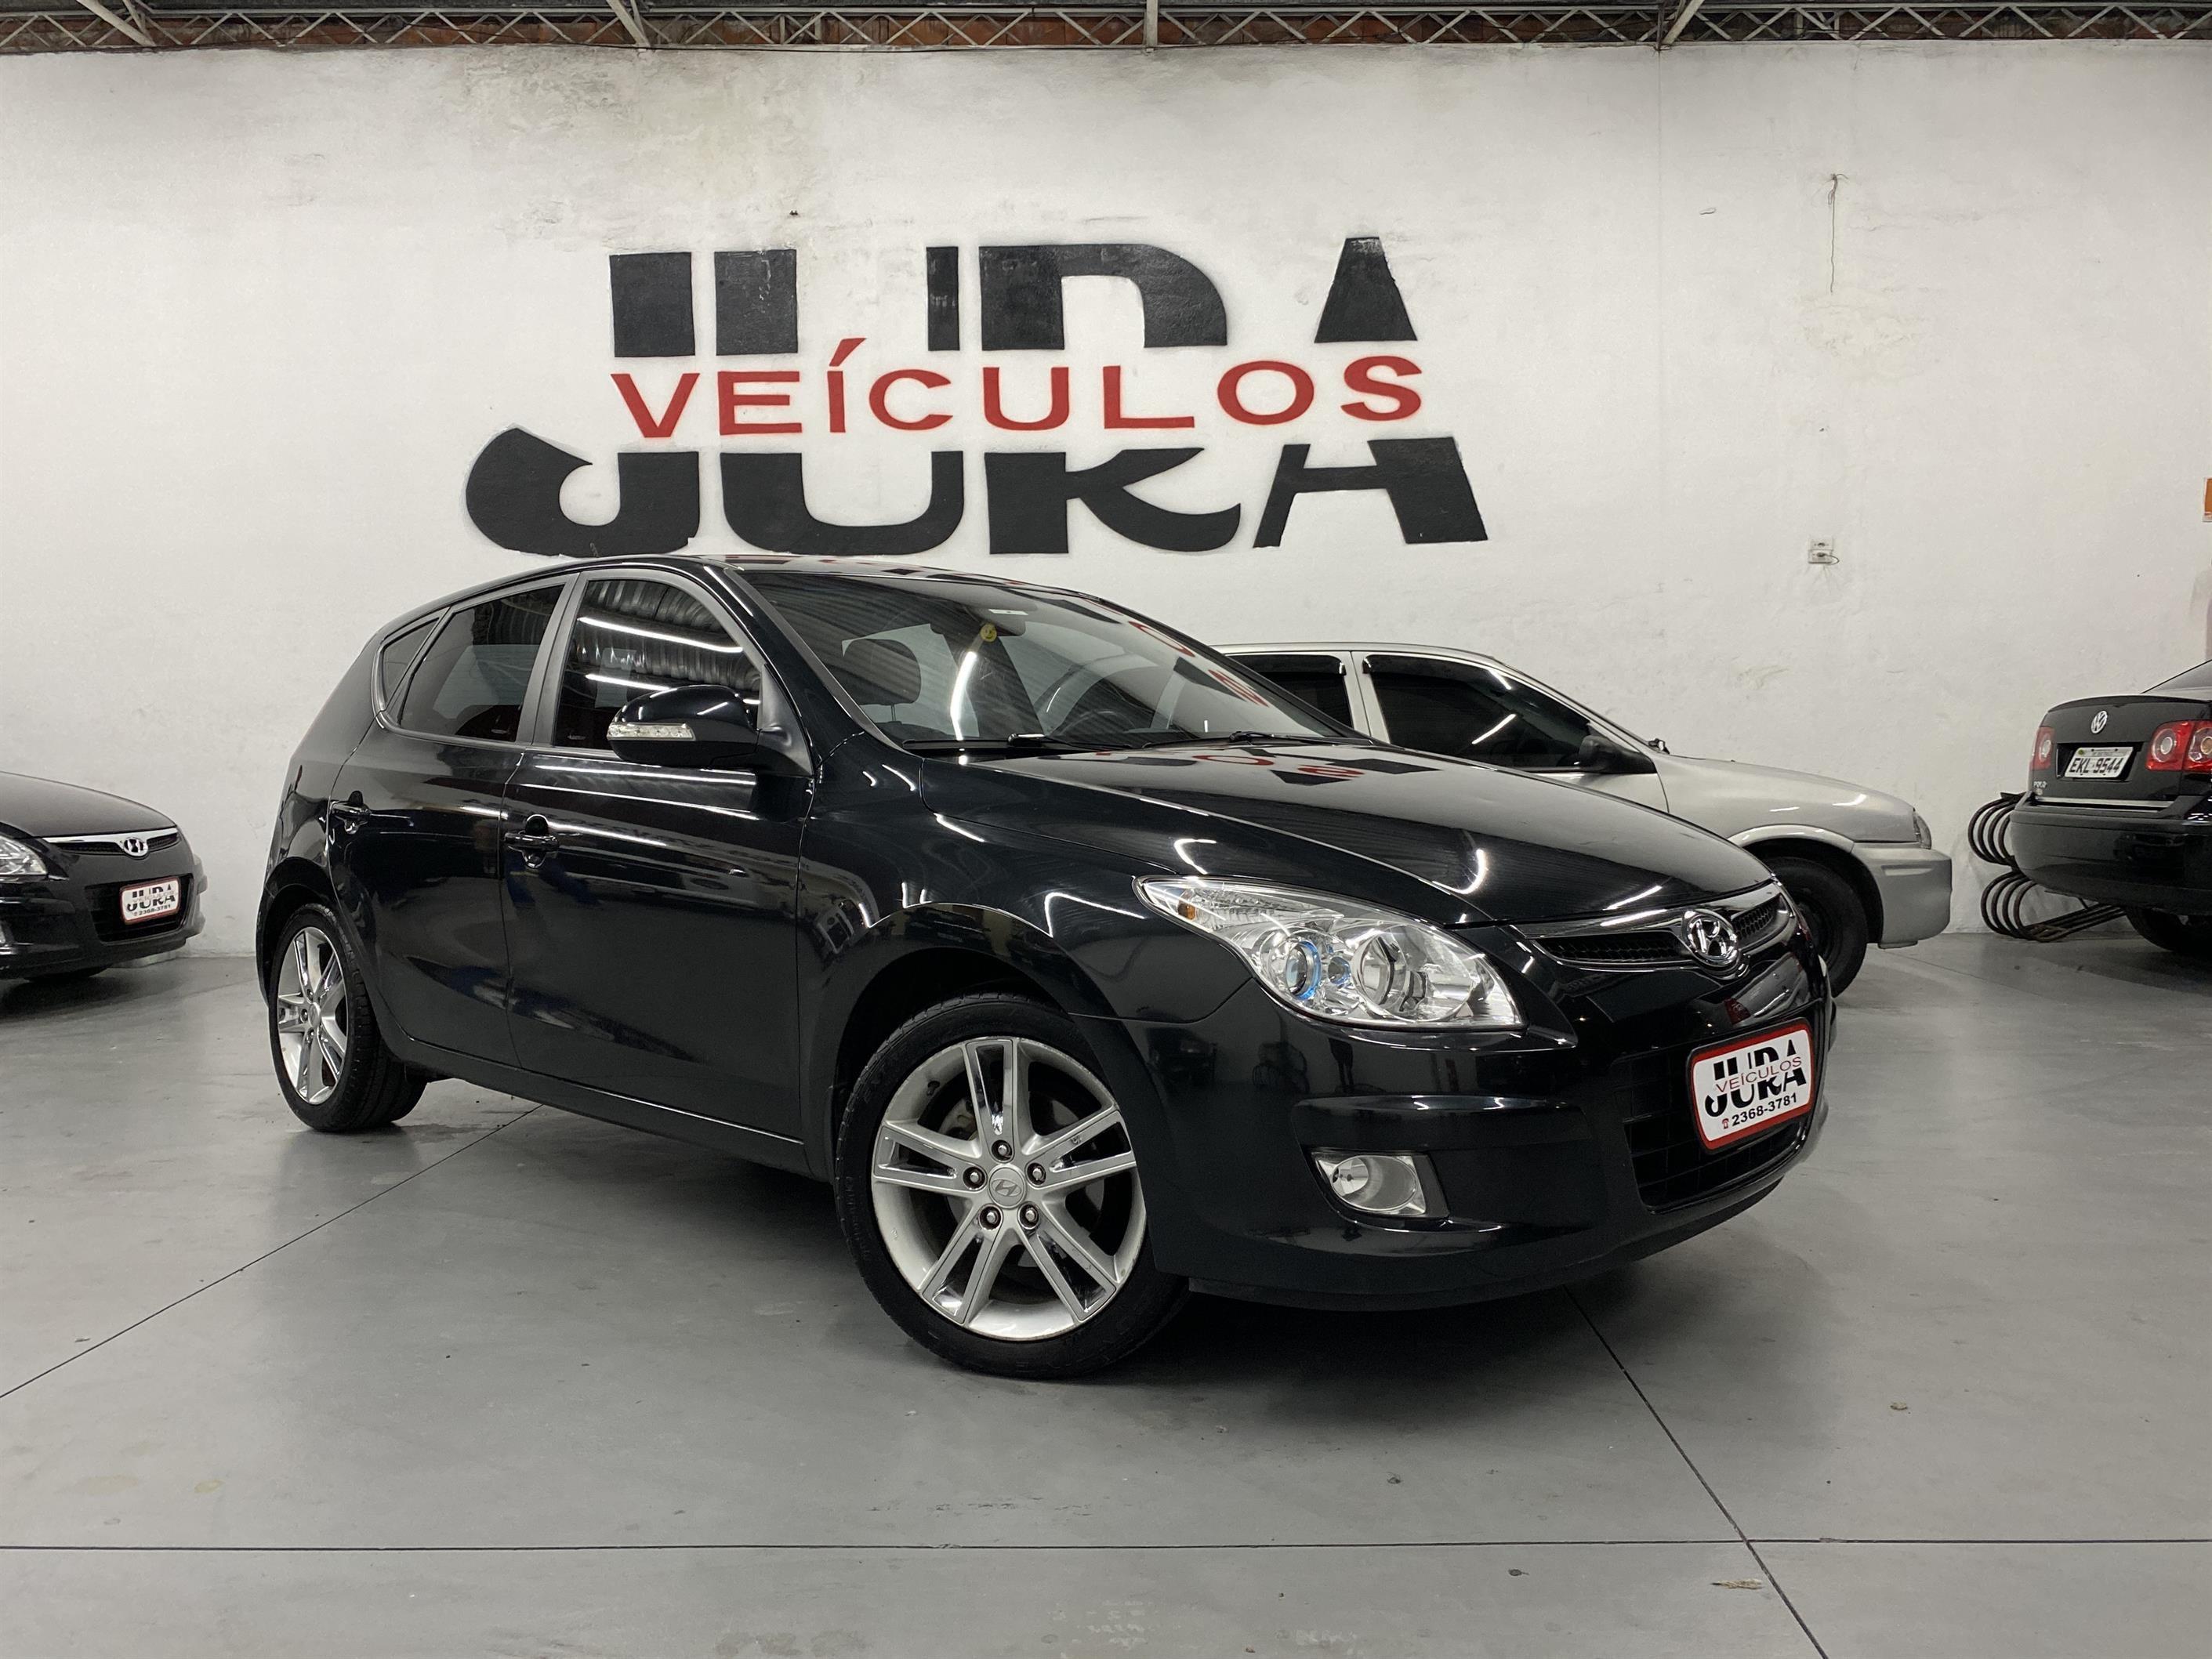 //www.autoline.com.br/carro/hyundai/i30-20-gls-16v-gasolina-4p-automatico/2010/sao-paulo-sp/14958072